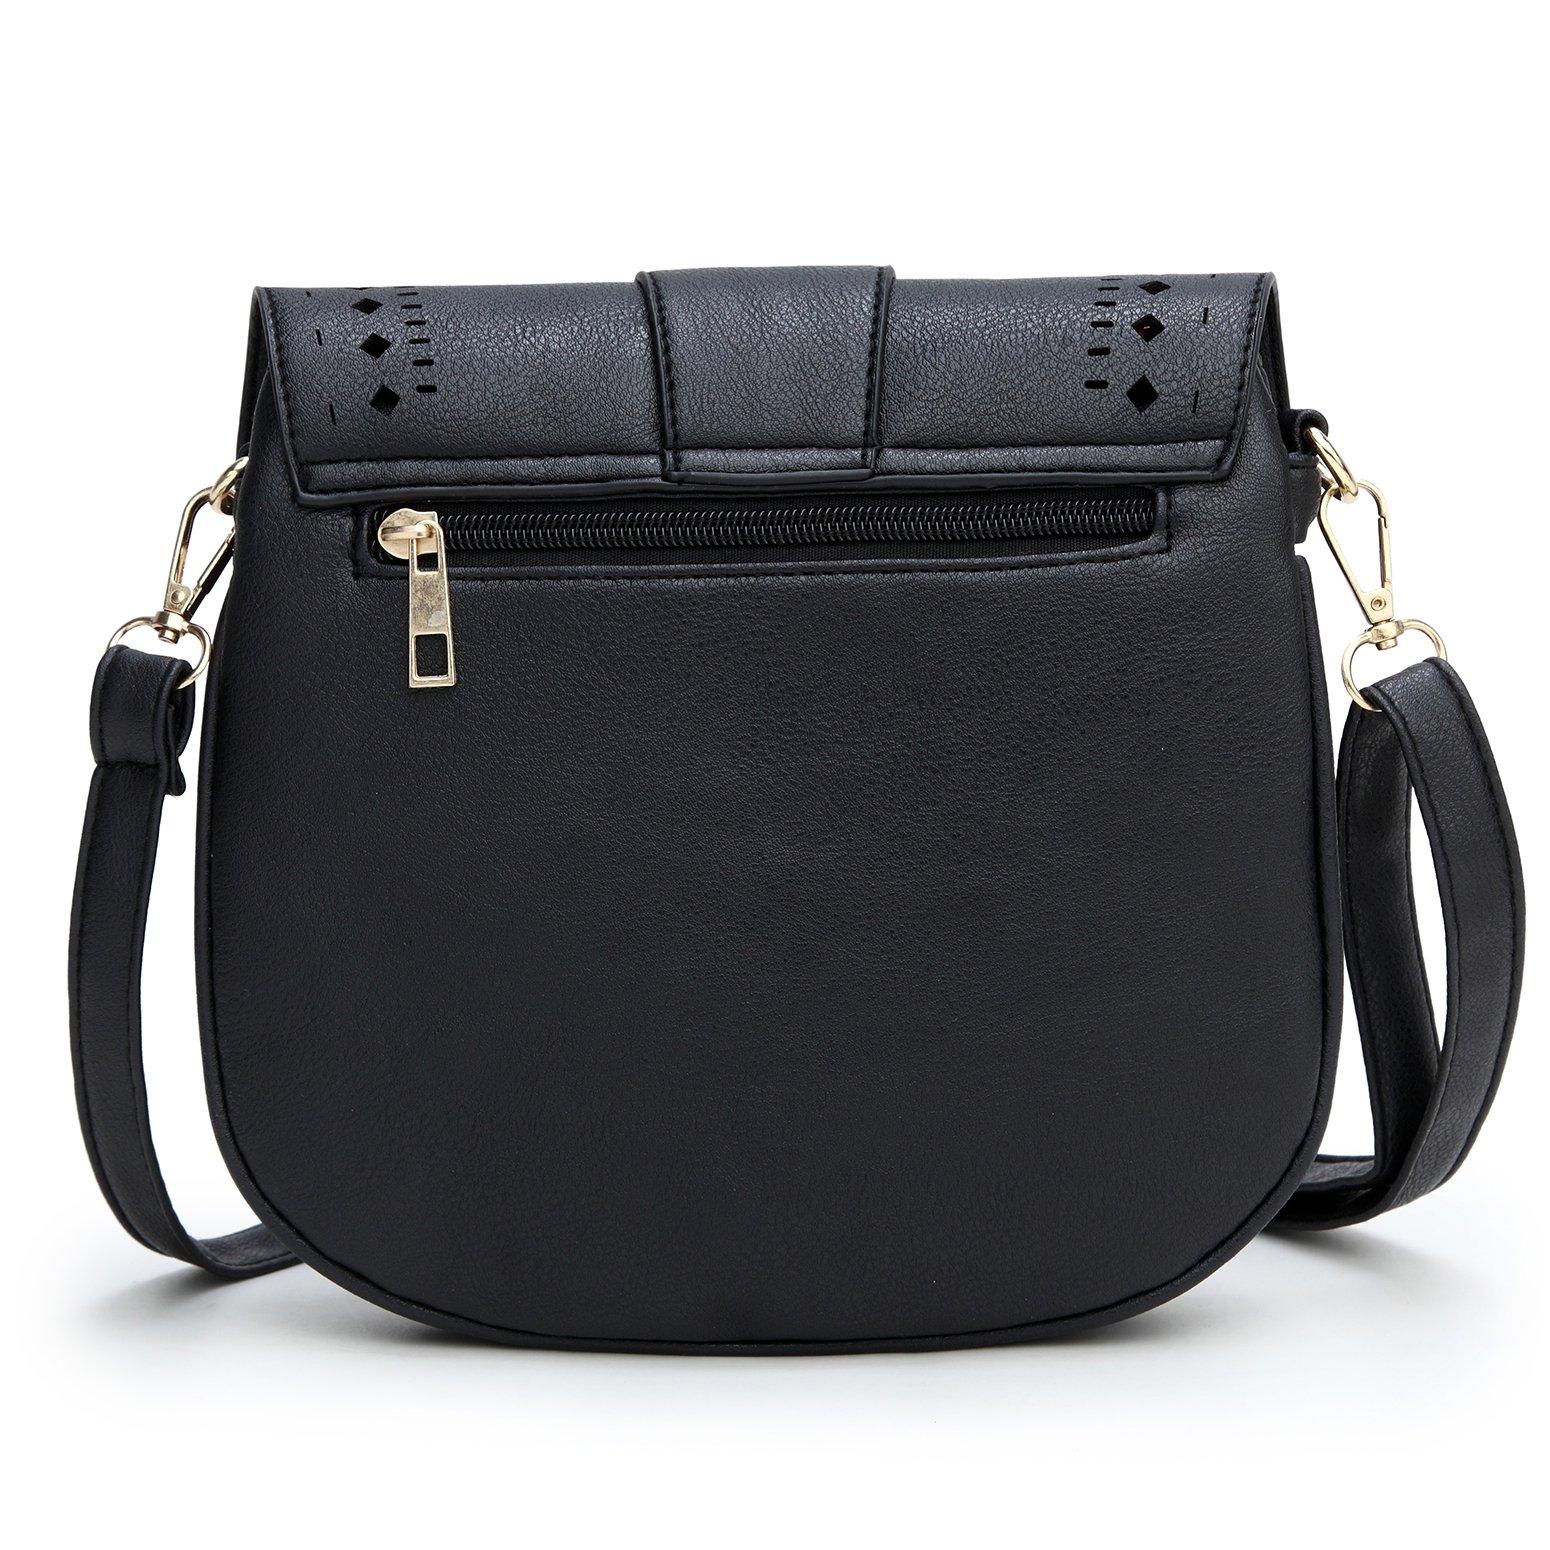 Forestfish Ladie's PU Leather Vintage Hollow Bag Crossbdy Bag Shoulder Bag (Black) by Forestfish (Image #3)